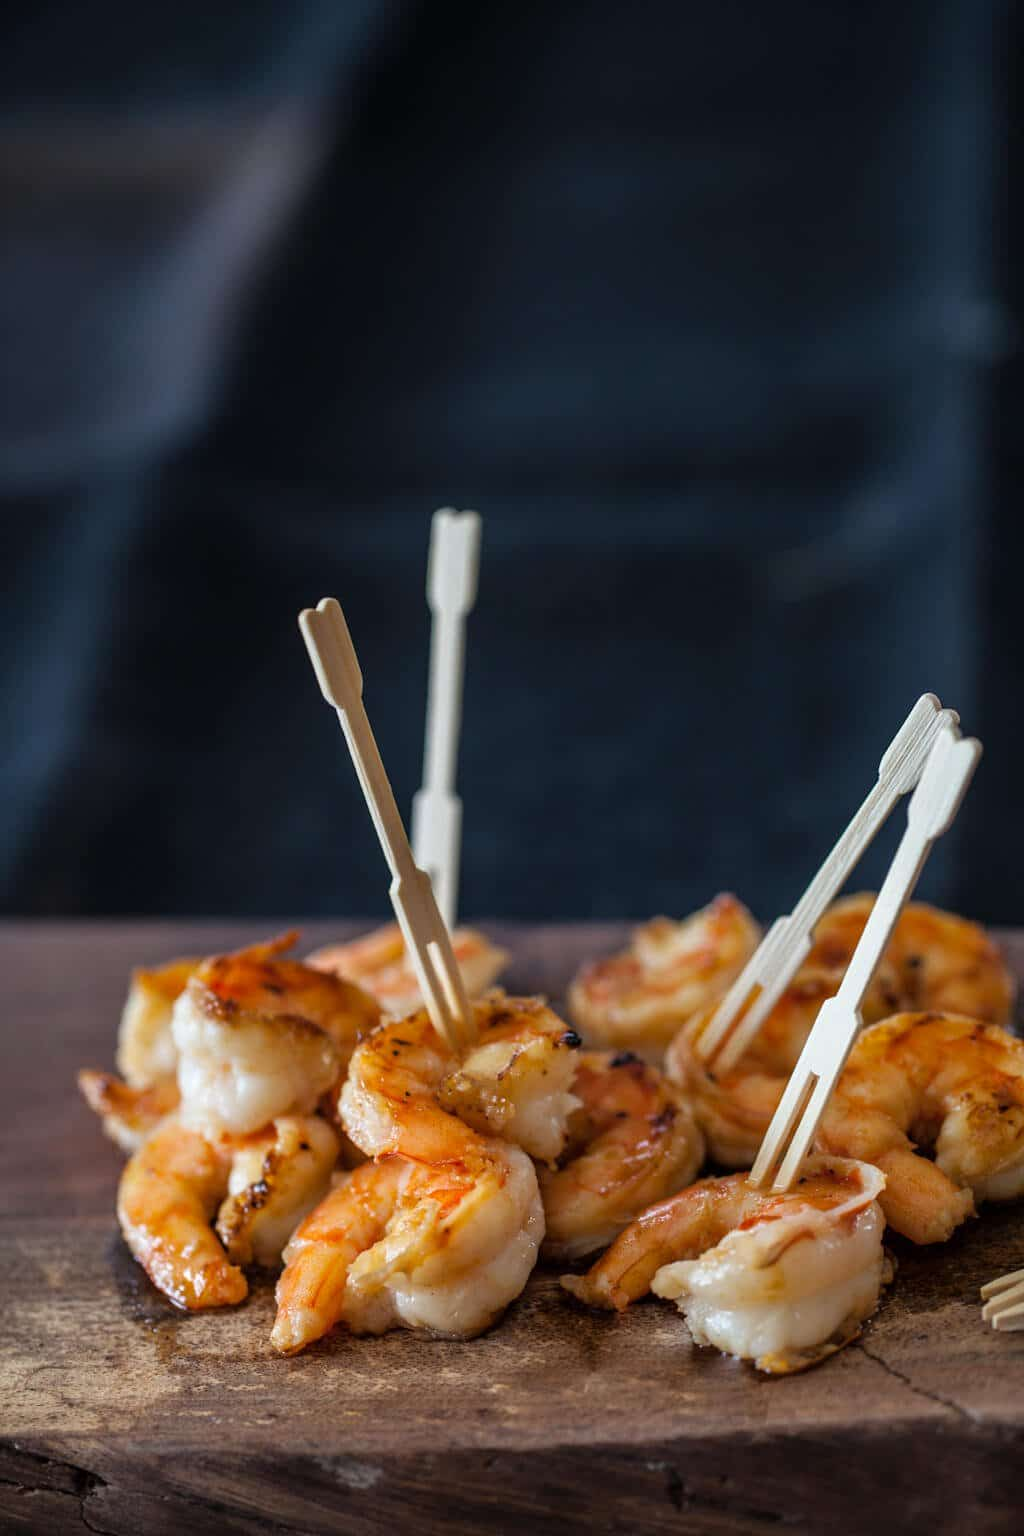 toothpicks in shrimp